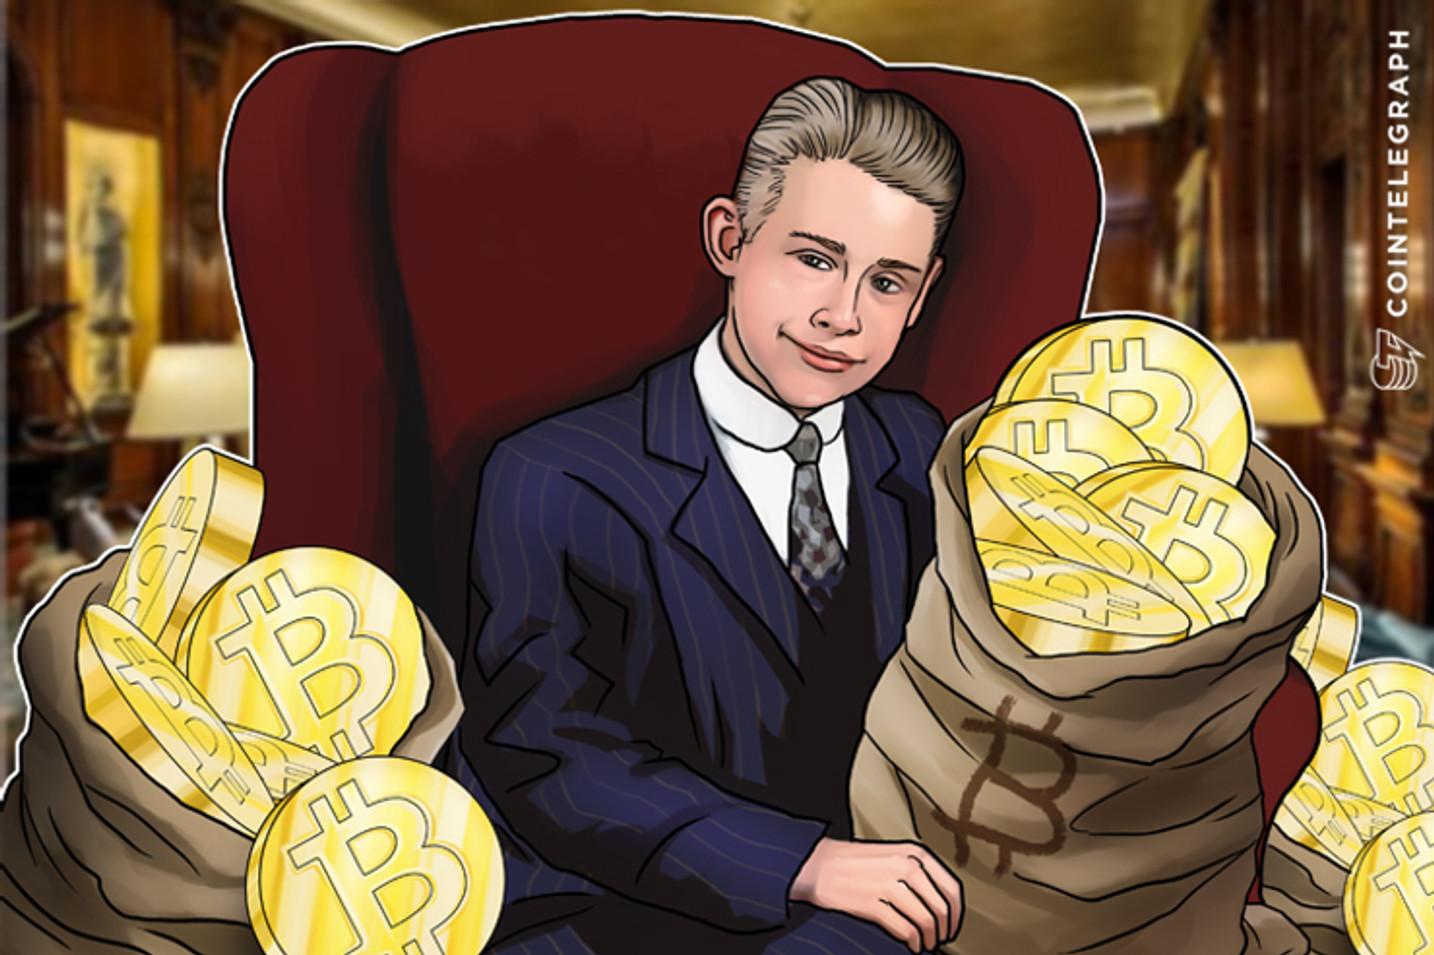 ¿Quién es Paul Tudor Jones II, el nuevo bitcoiner multimillonario? ¿Y por qué tanto alboroto?